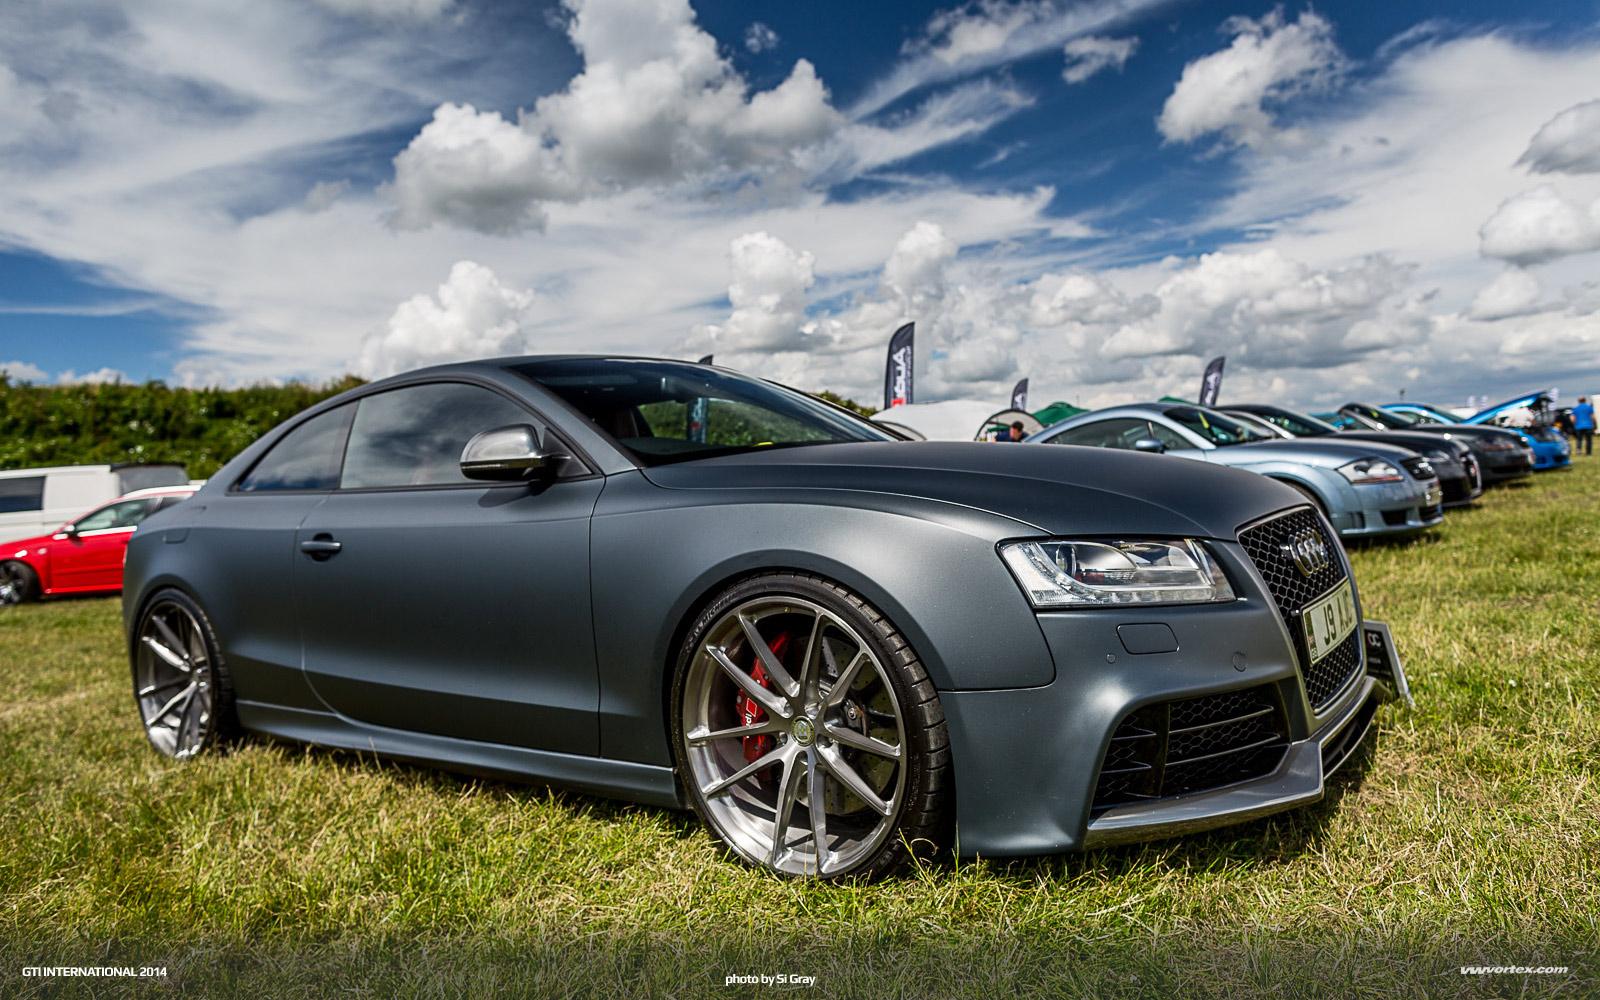 Audi A6 Sline plus Japan 595 110x60 photo